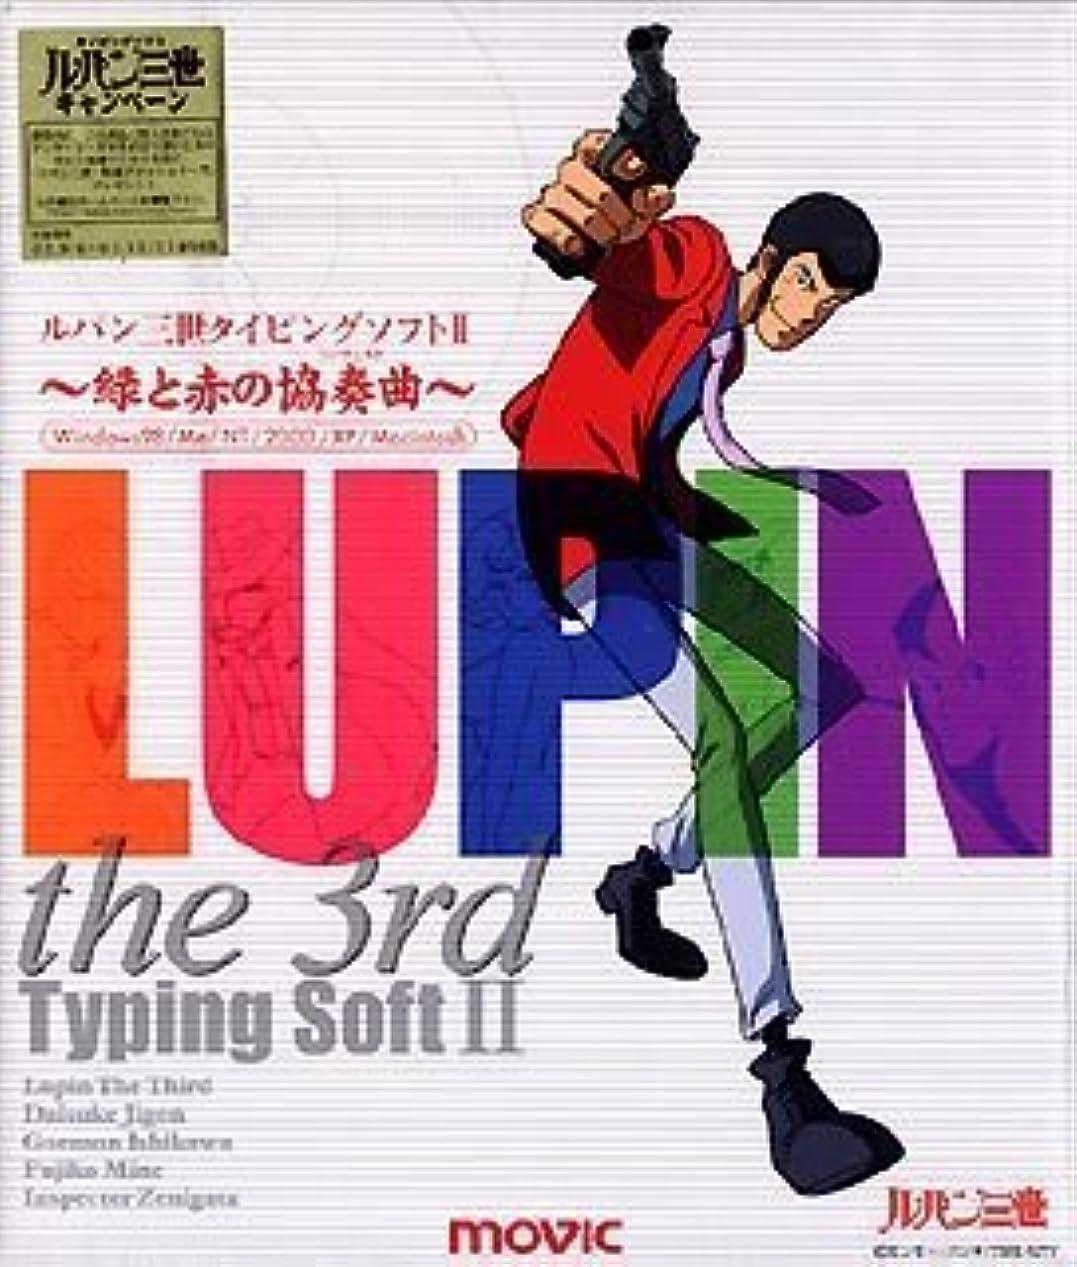 ビット良さ魅惑的なルパン三世タイピングソフト2~緑と赤の協奏曲(コンチェルト)~